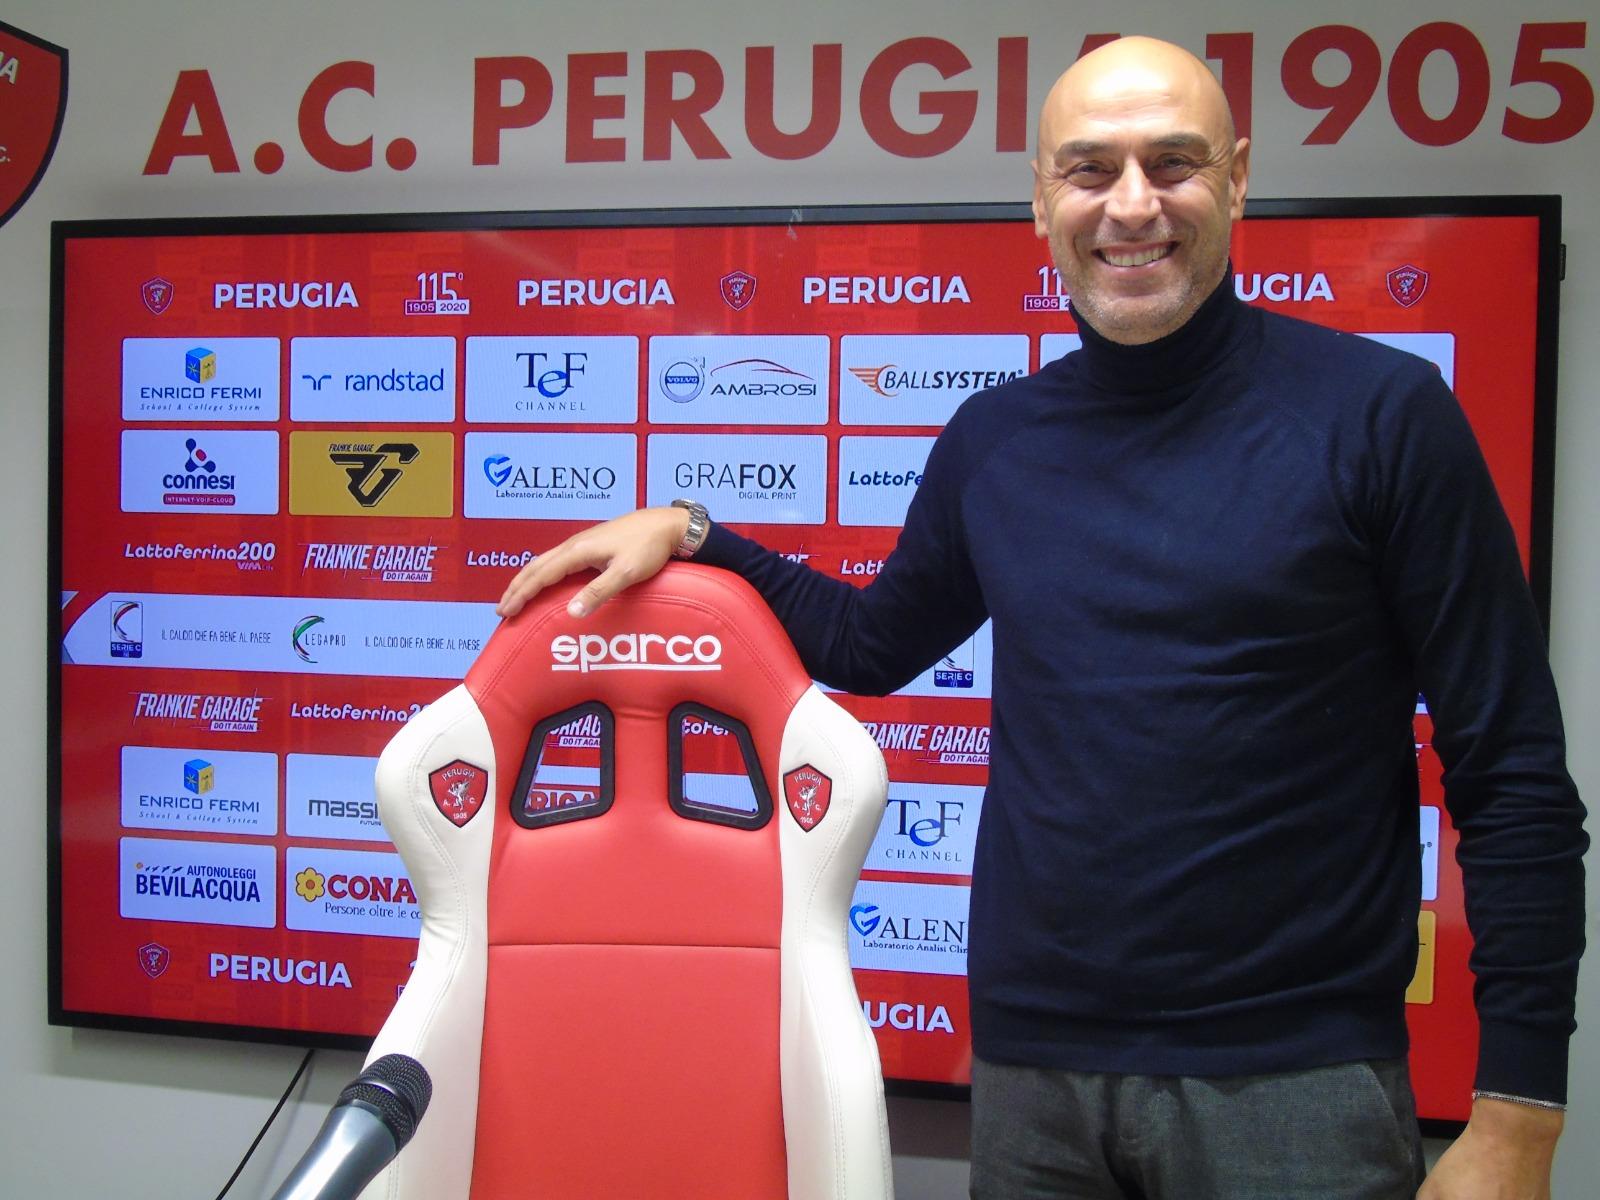 Perugia - Giannitti